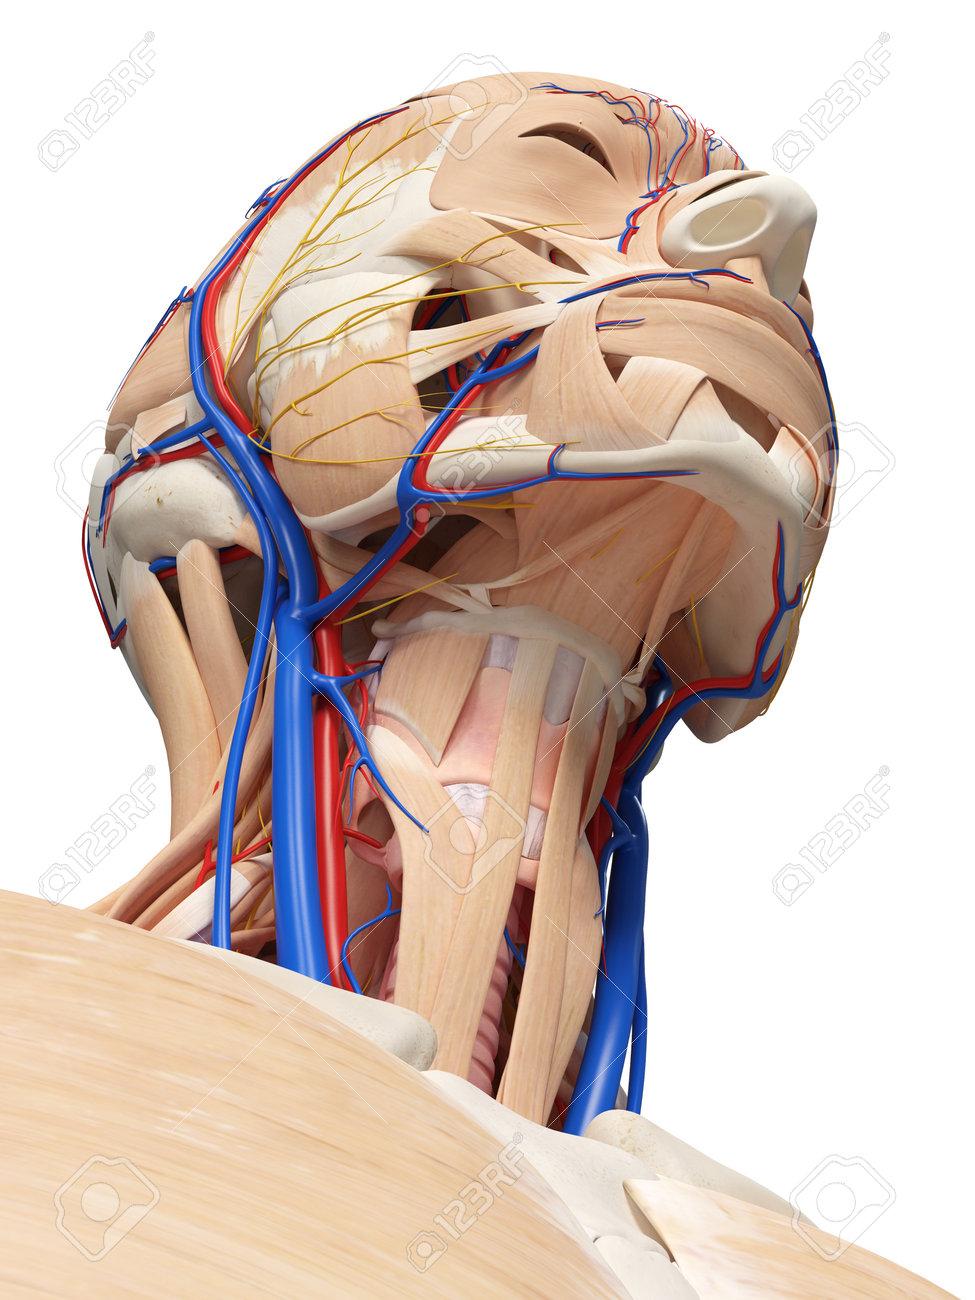 3d übertrug Medizinisch Genaue Illustration Der Kopf- Und ...